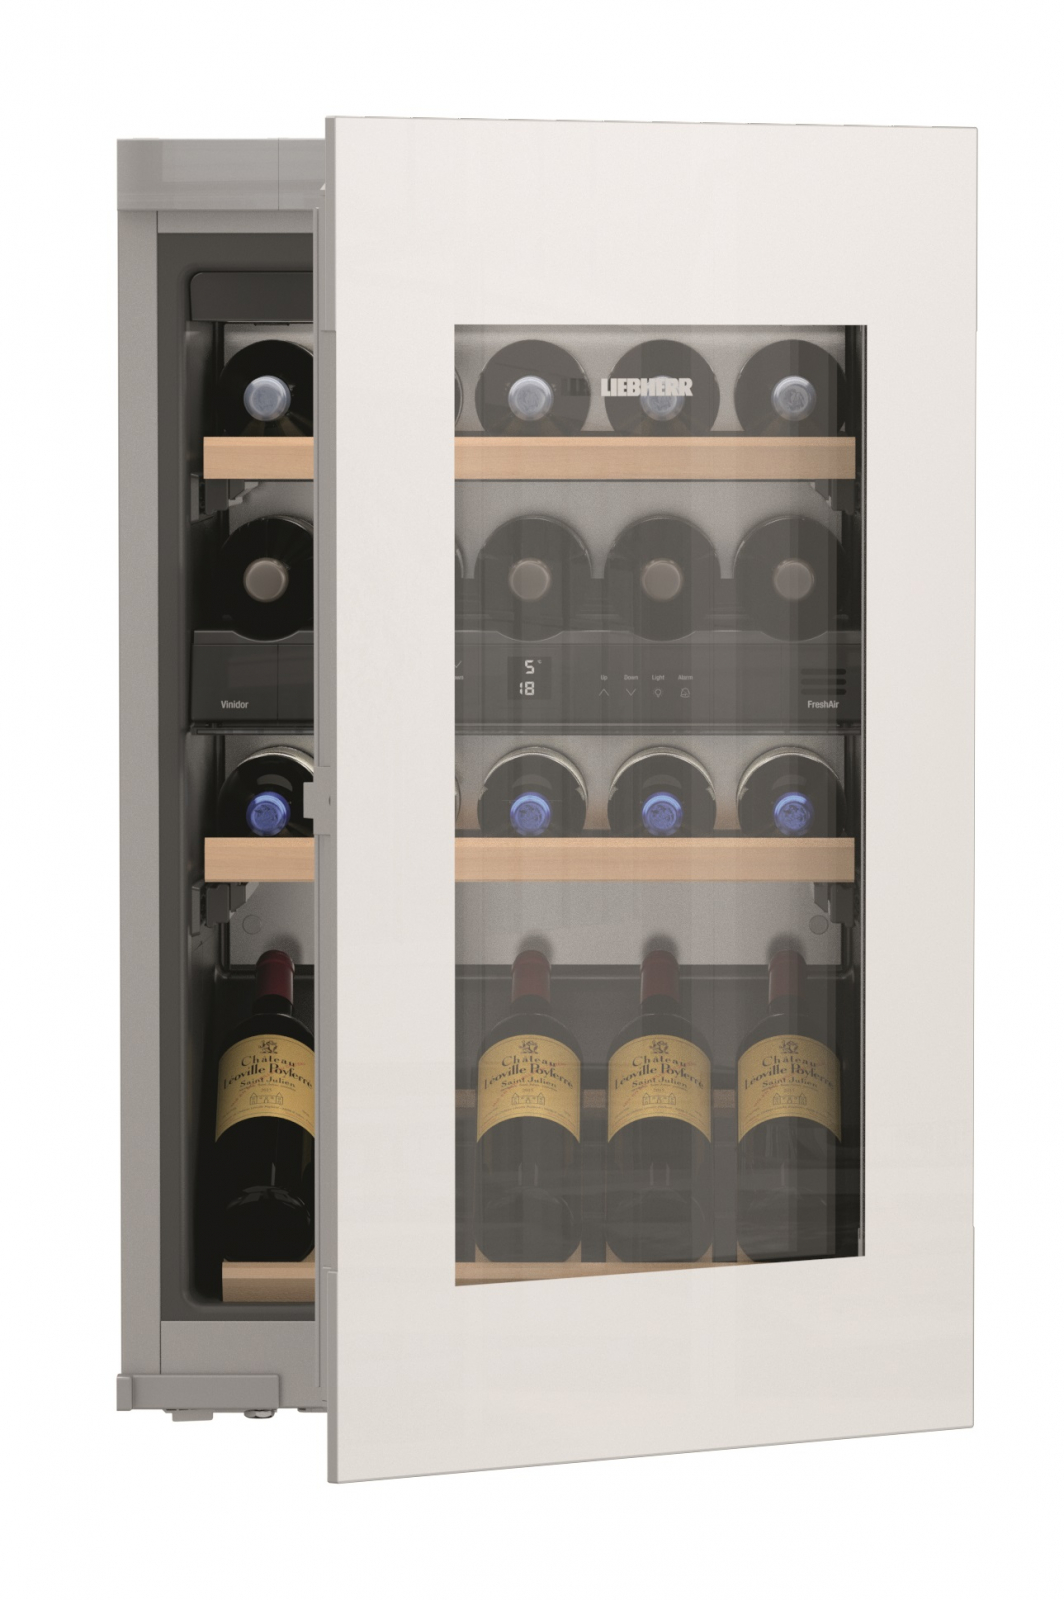 купить Встраиваемый винный шкаф Liebherr EWTgw 1683 Украина фото 0